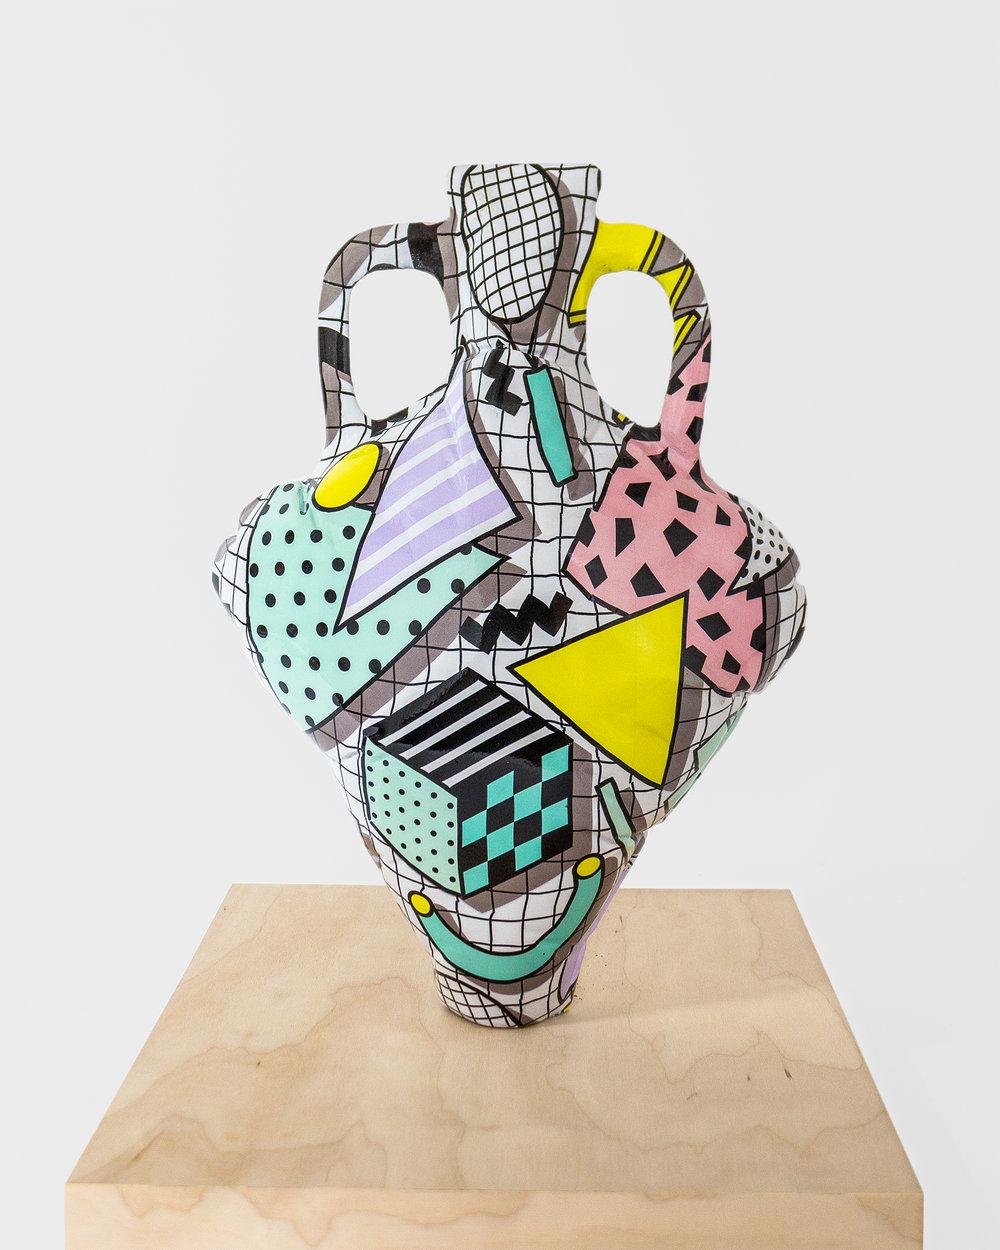 AdamParkerSmith_Sculpture4_Side5.jpg